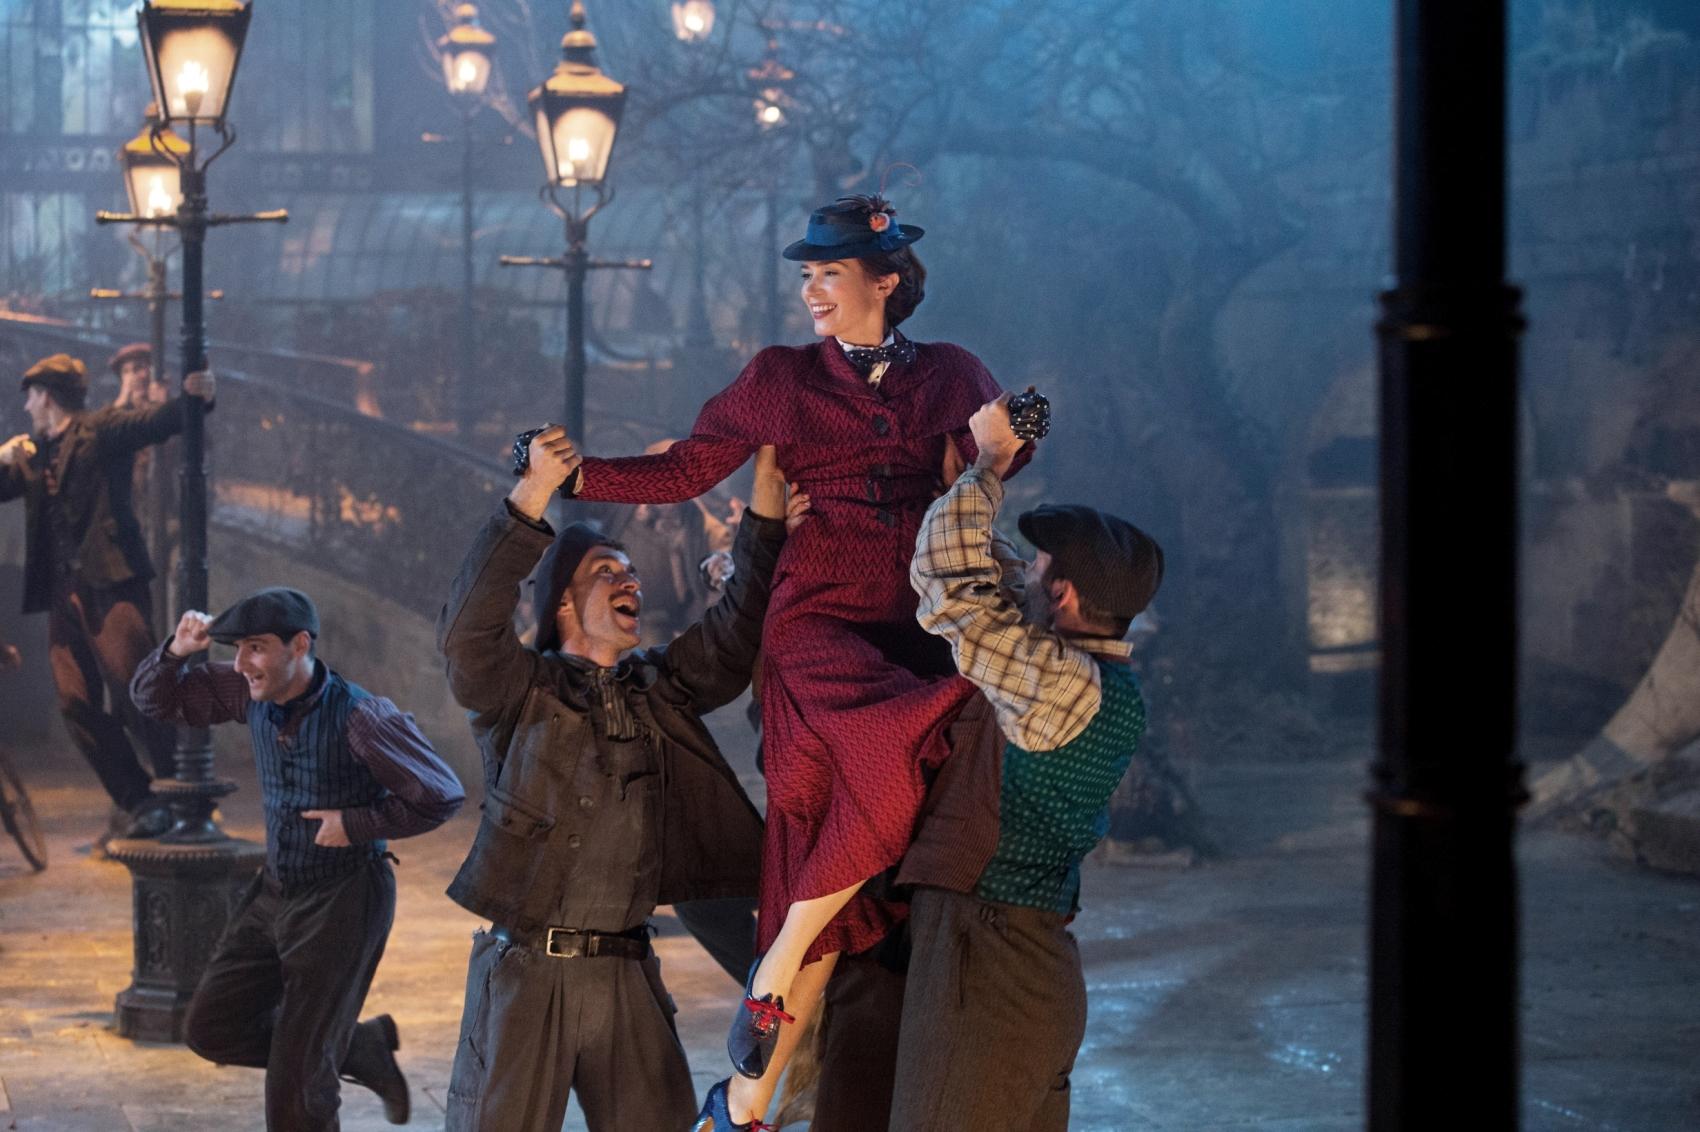 Il ritorno di Mary Poppins: una nuova foto di Emily Blunt